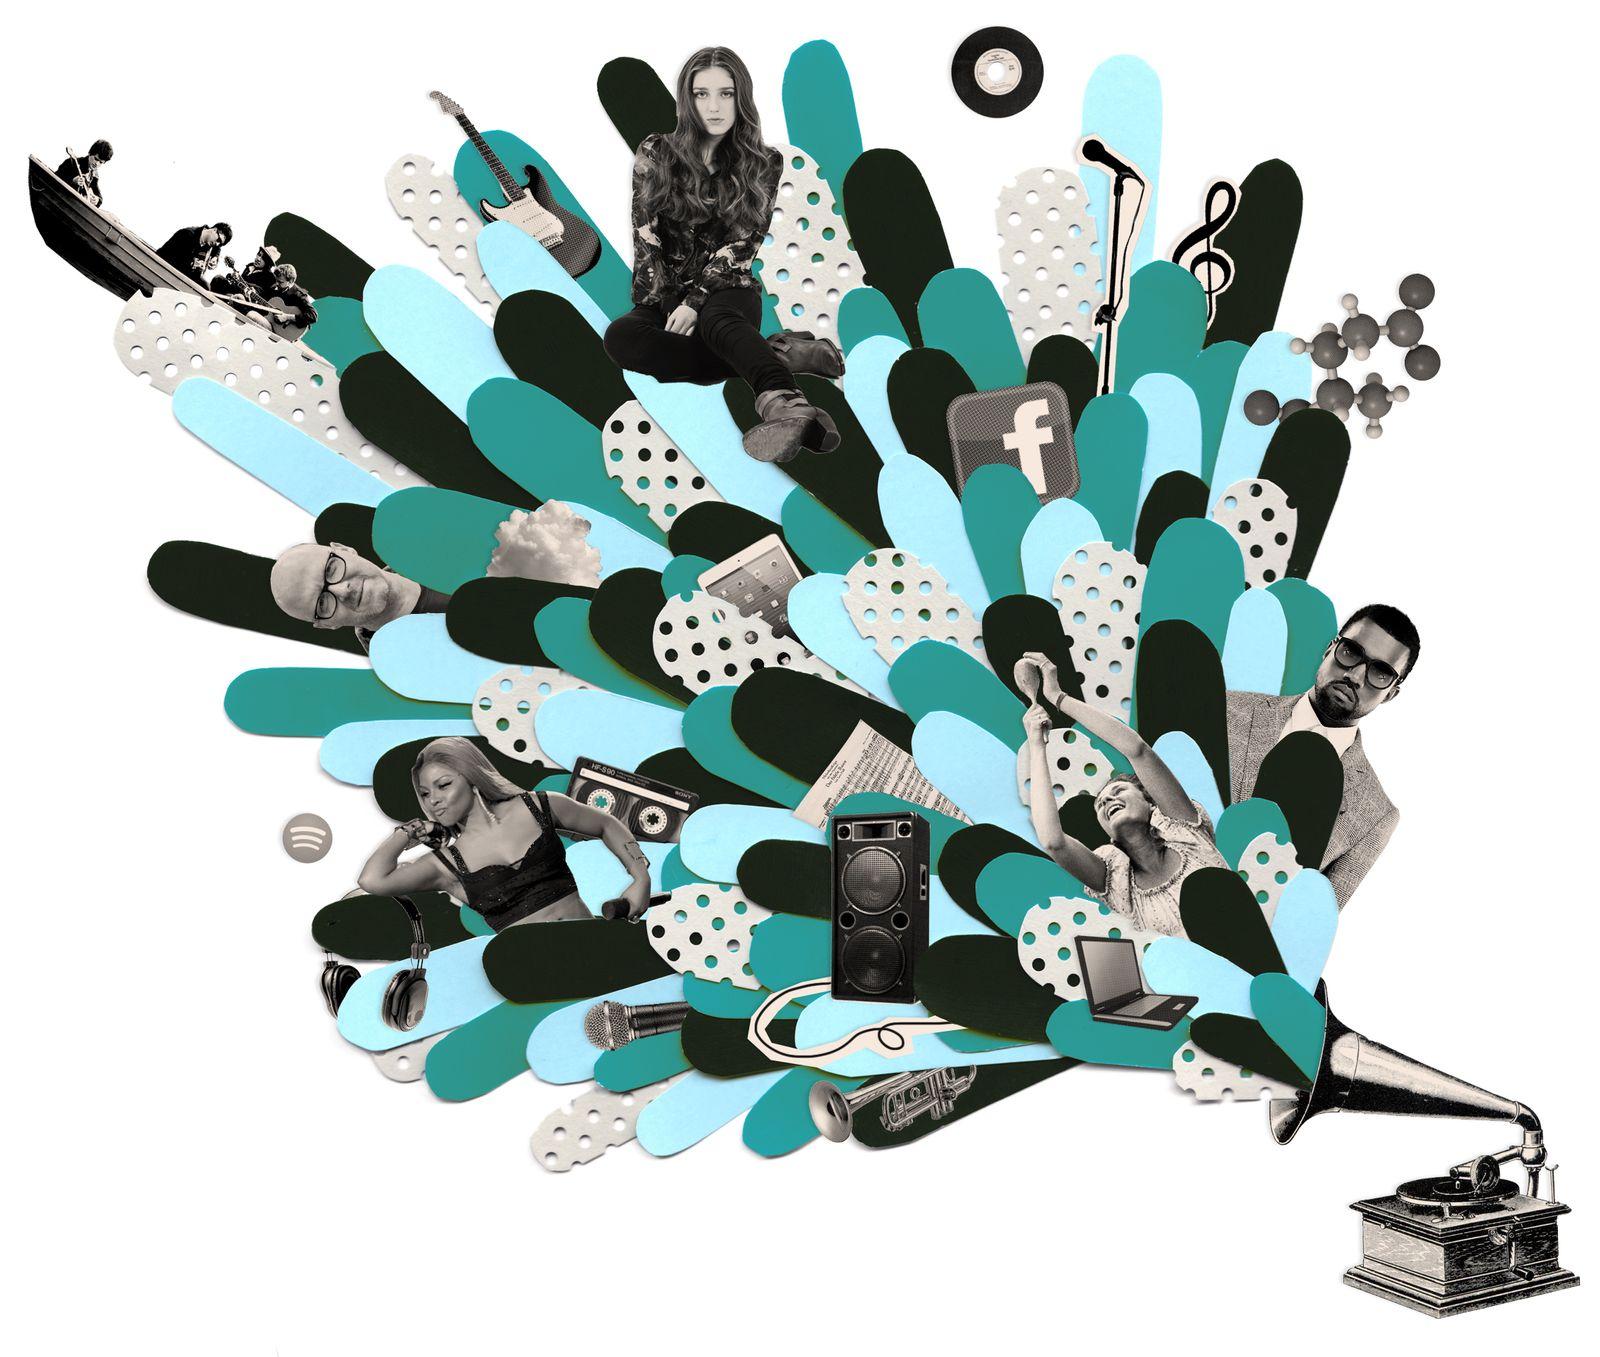 EINMALIGE VERWENDUNG UniSP 5/2013 S. 48 Musikkenner / Illustration